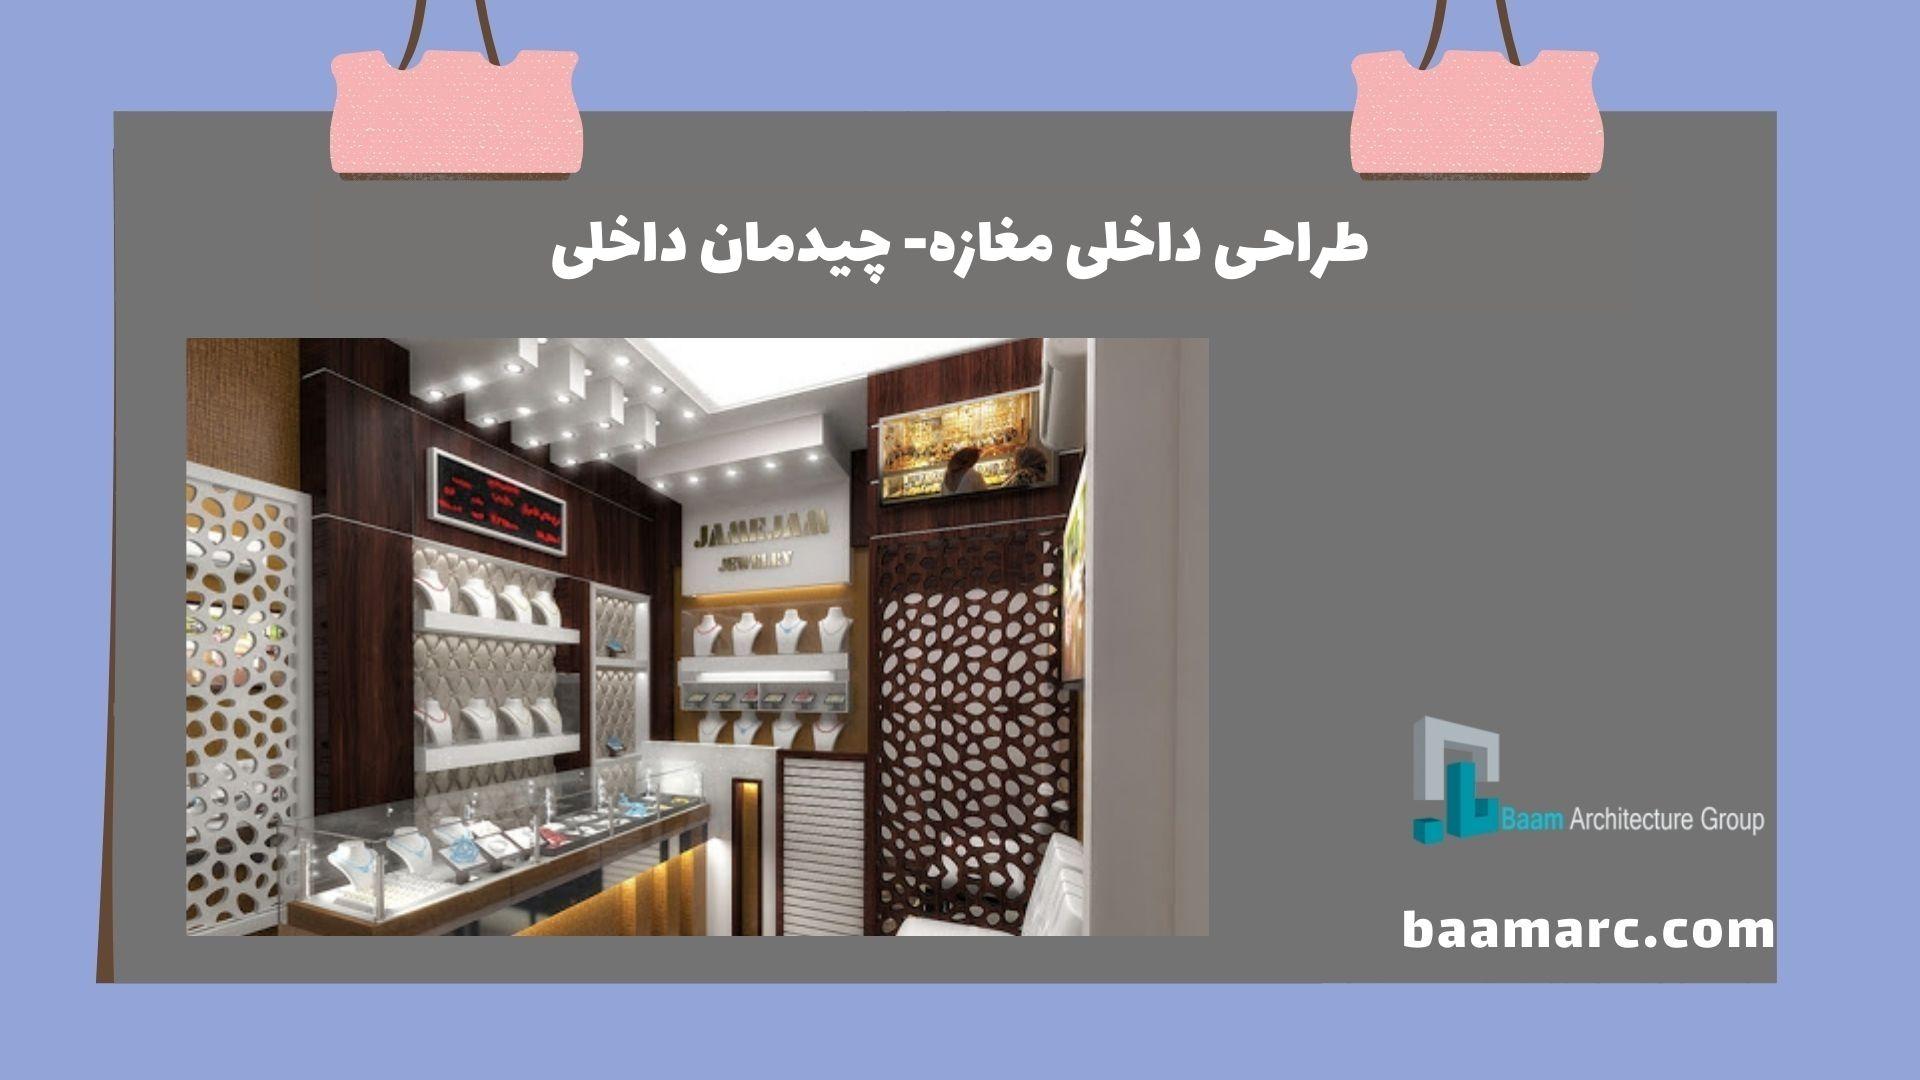 طراحی داخلی مغازه- چیدمان داخلی